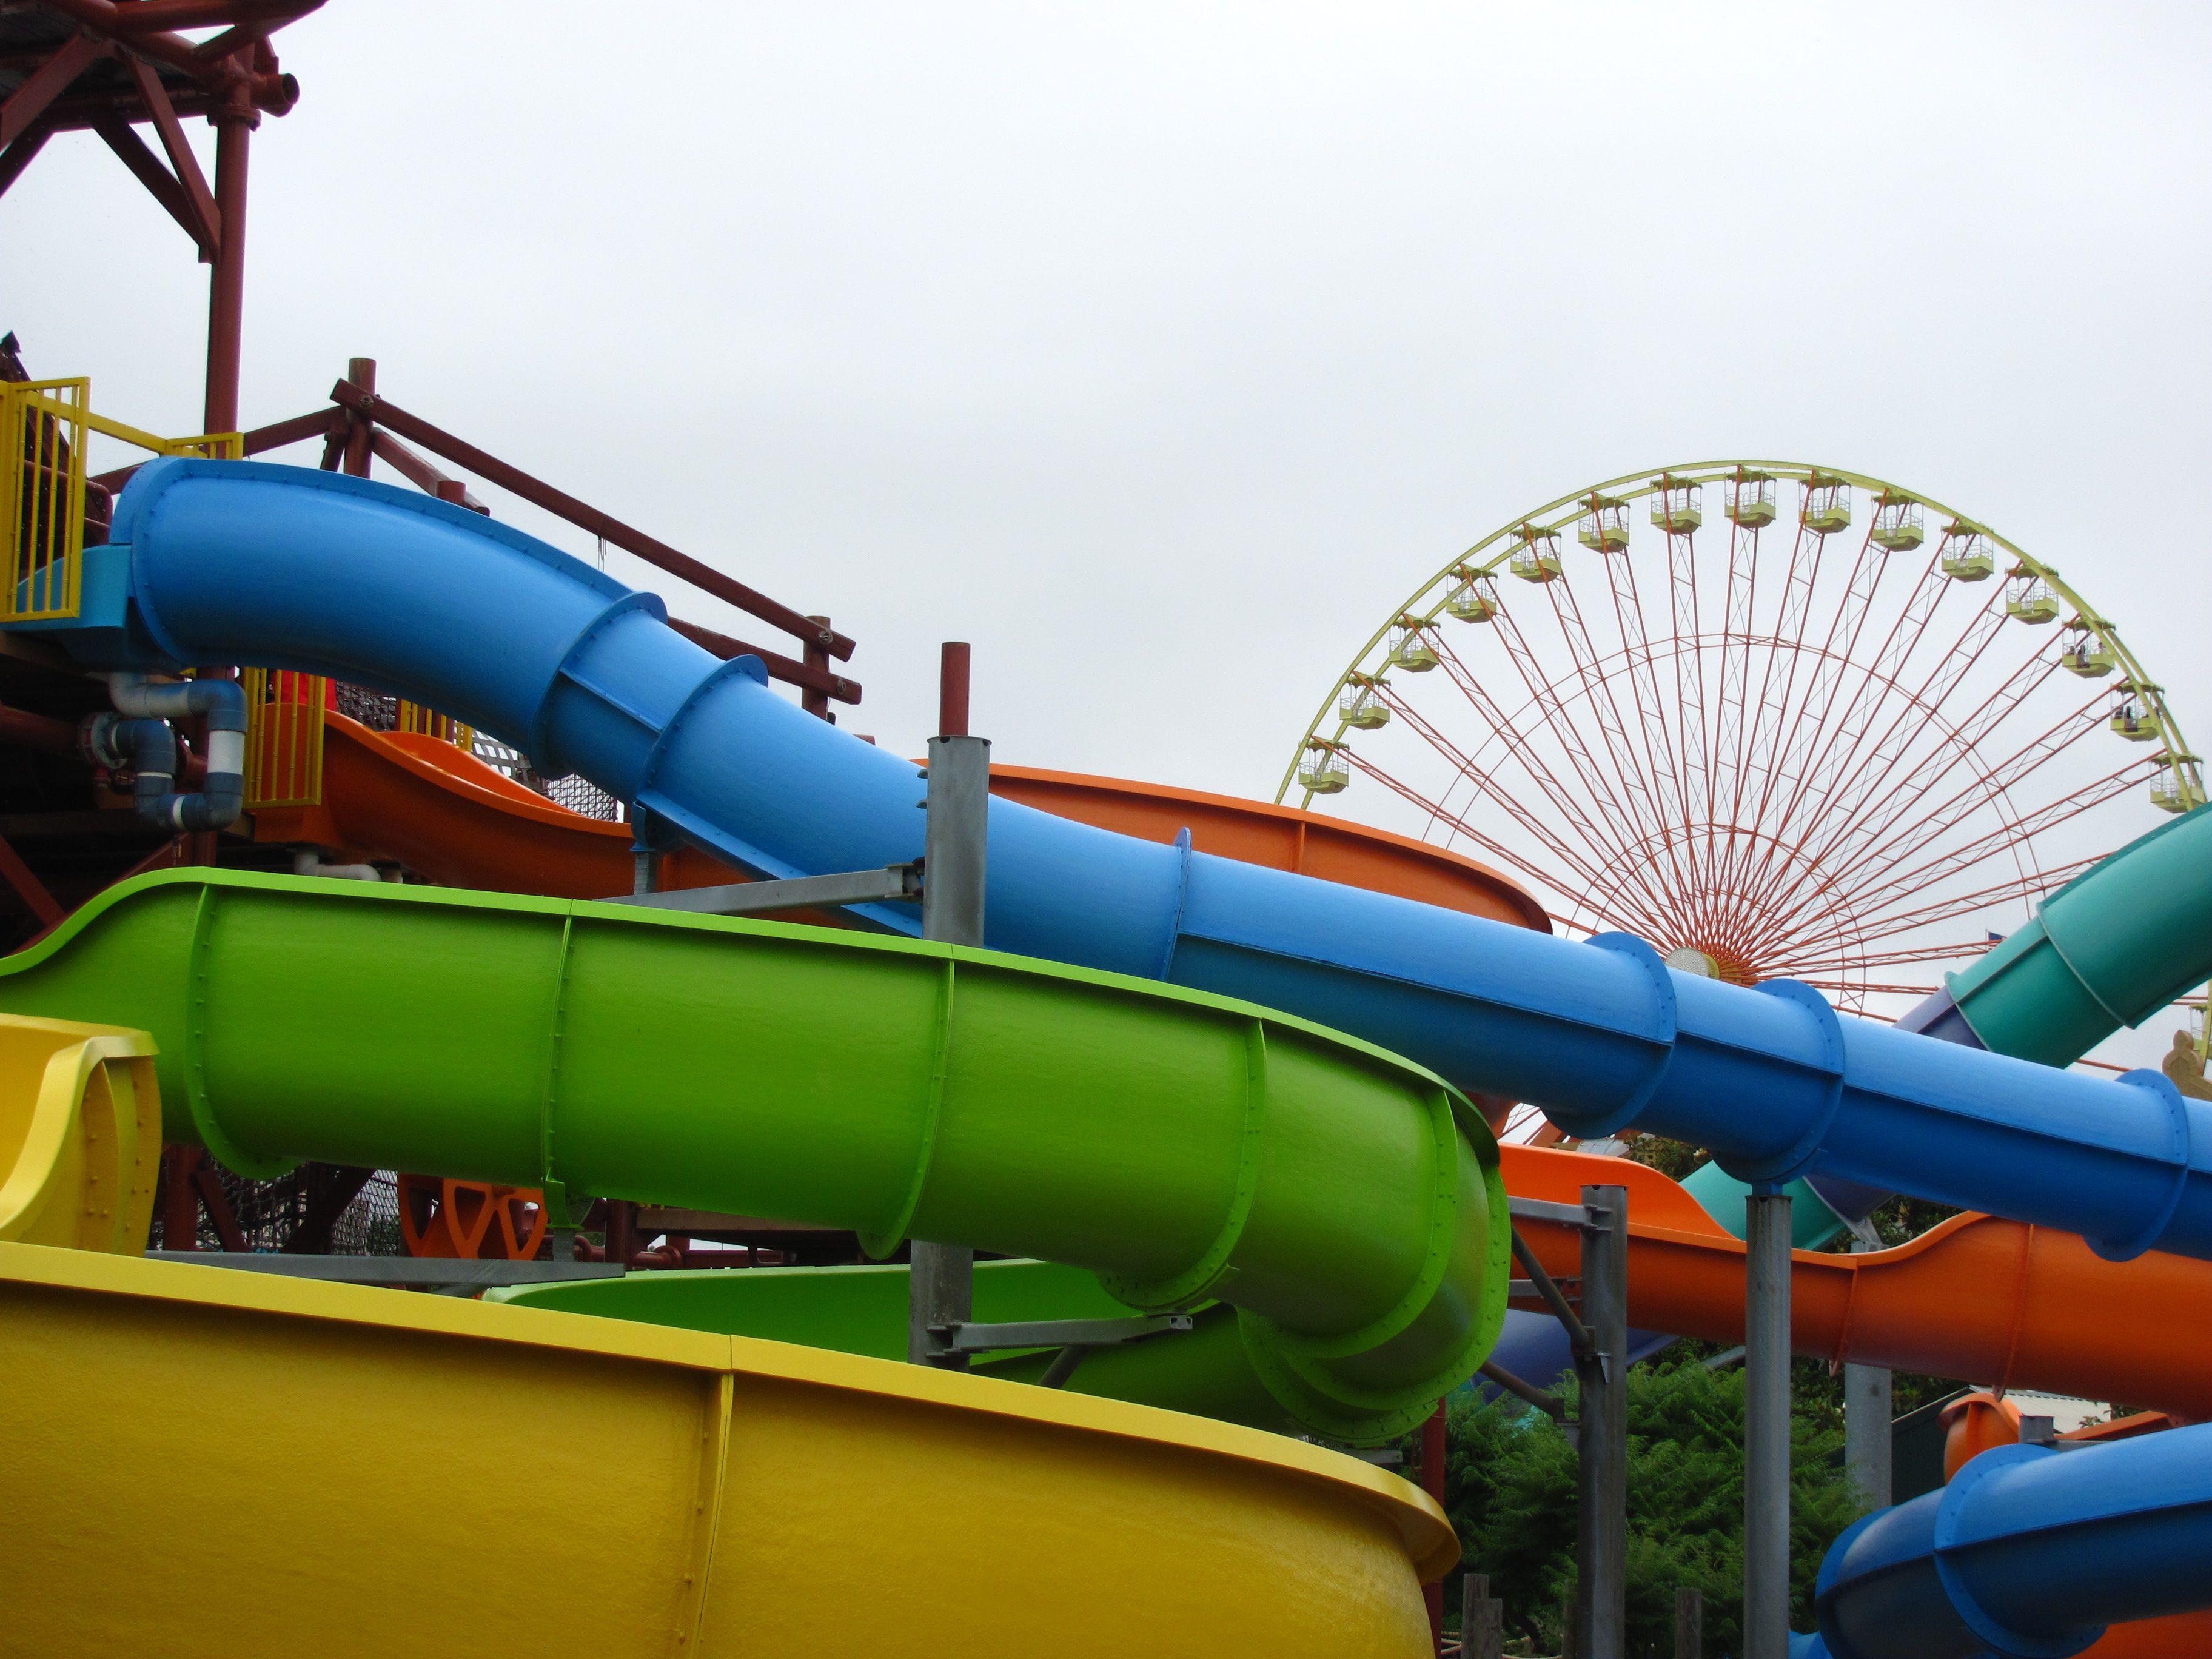 Colorful rides at Kentucky Kingdom